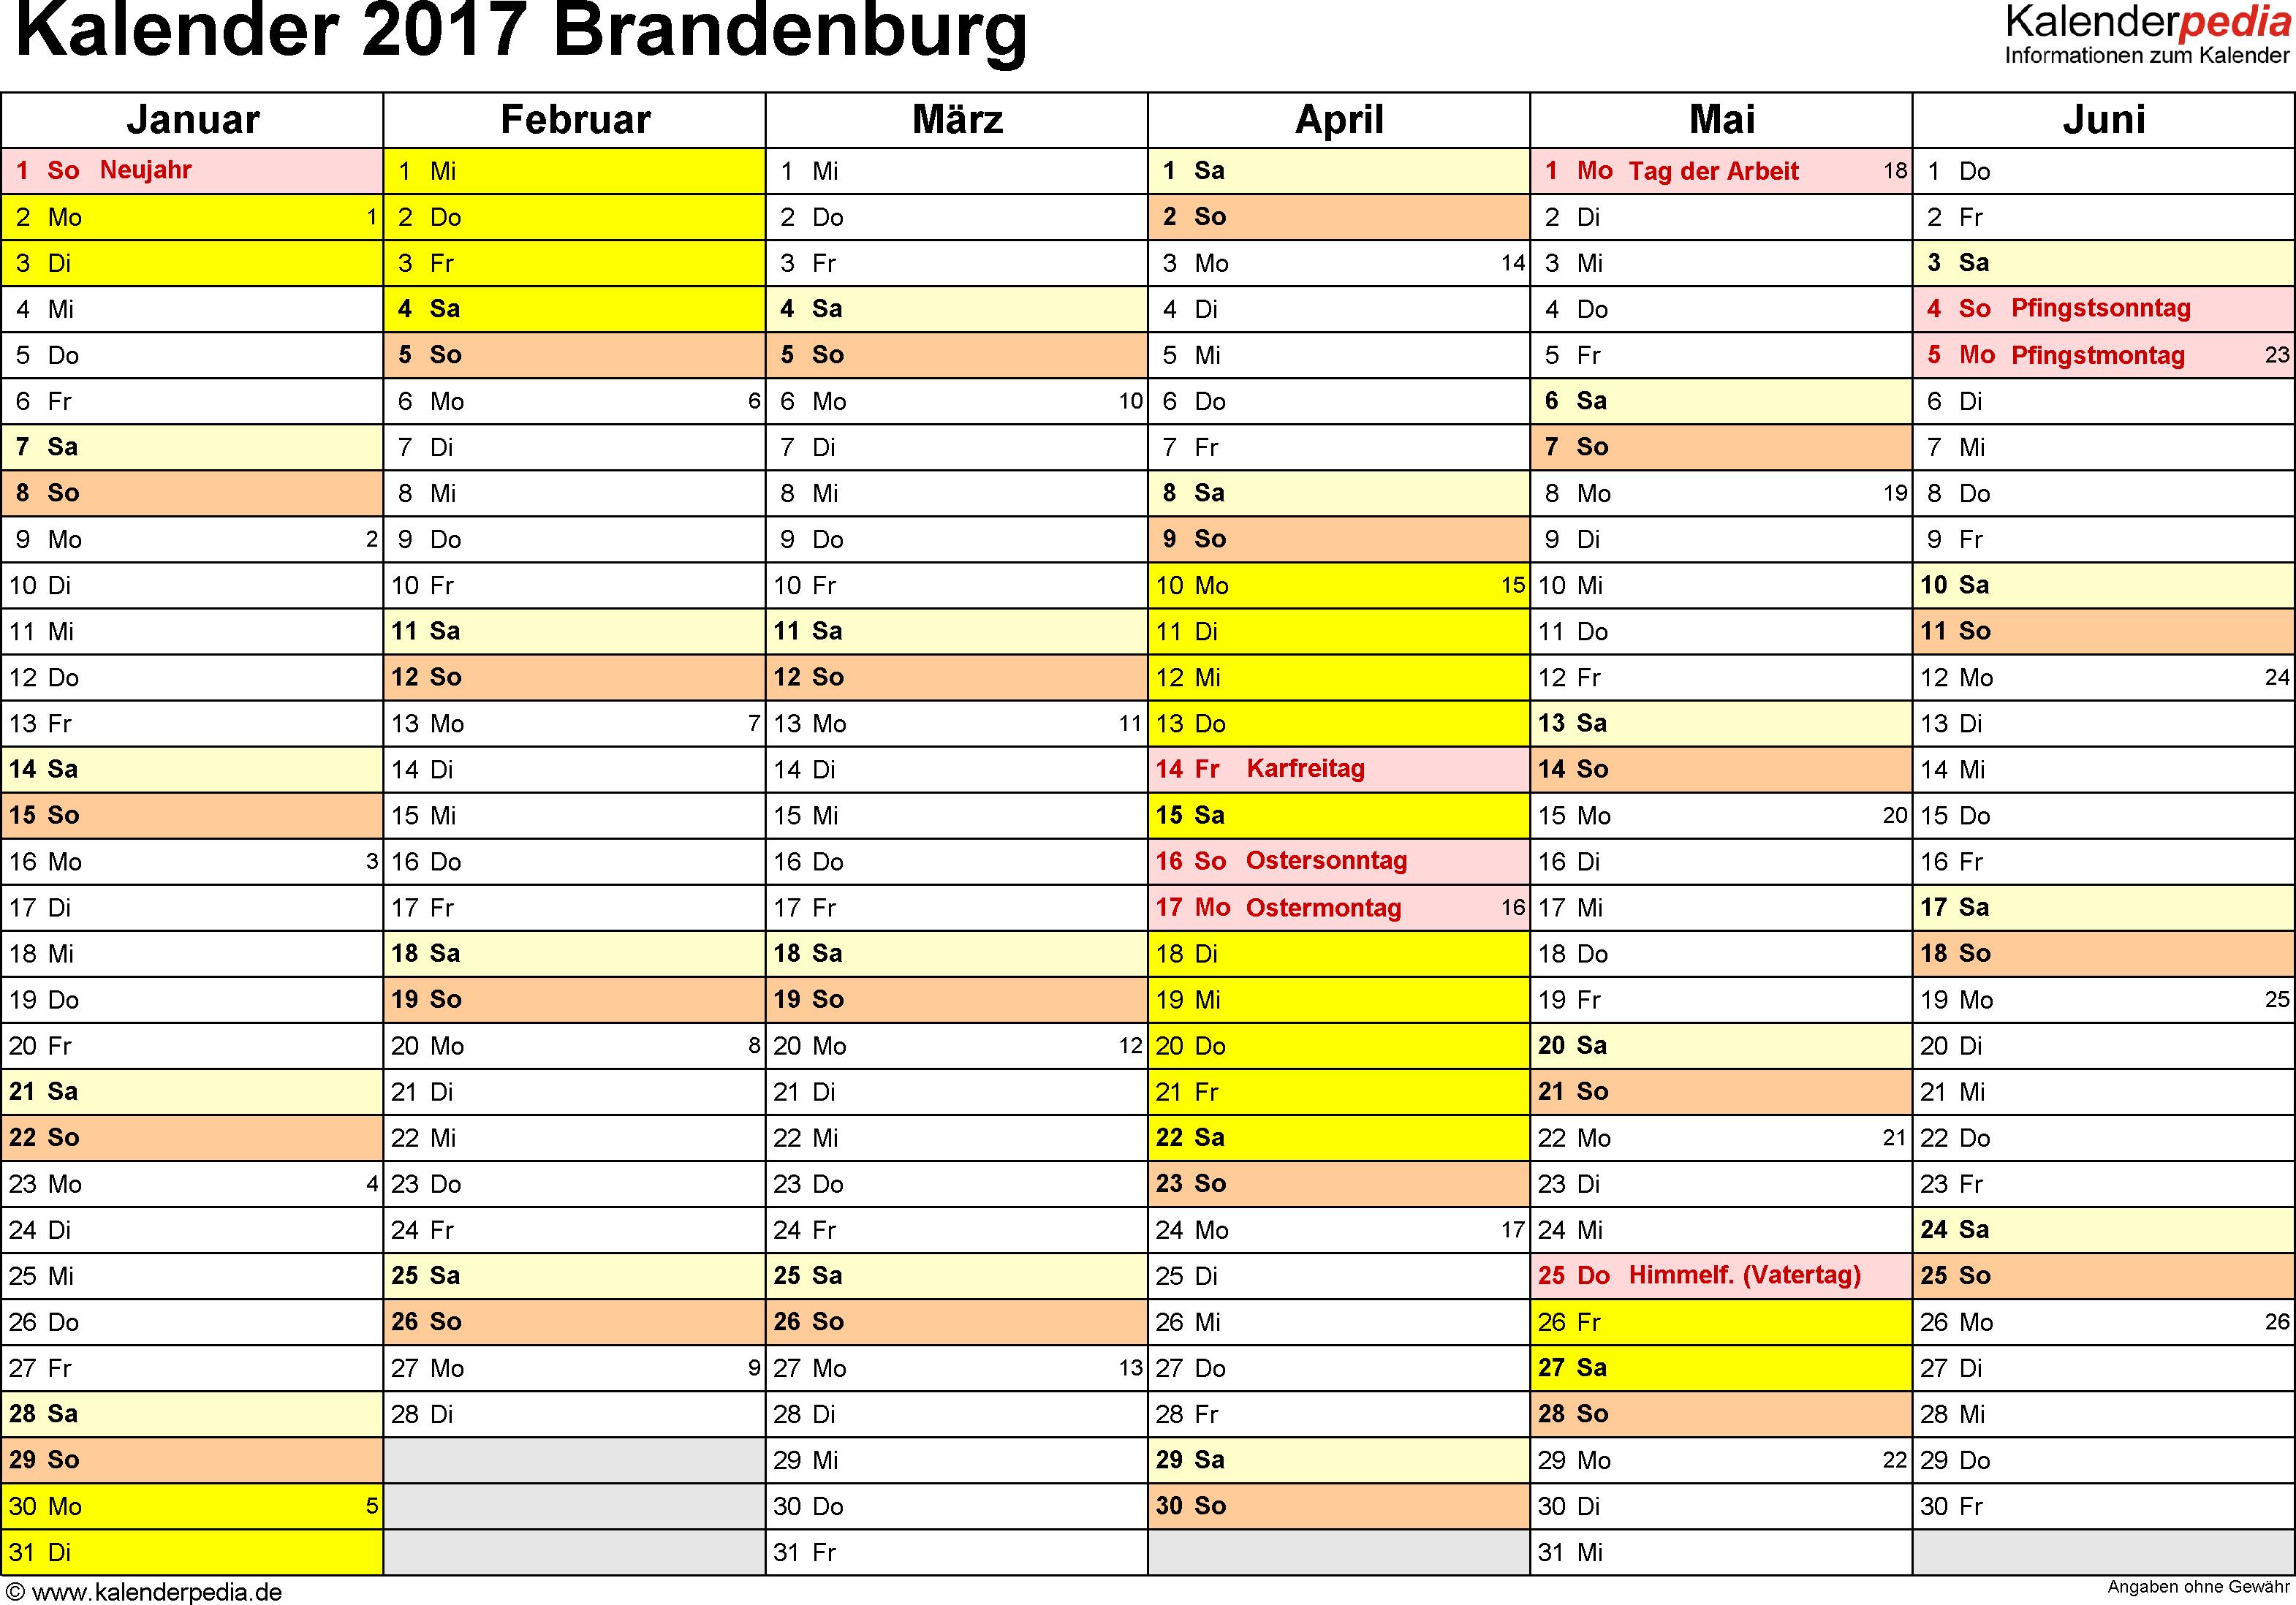 Vorlage 2: Kalender 2017 für Brandenburg als PDF-Vorlage (Querformat, 2 Seiten)